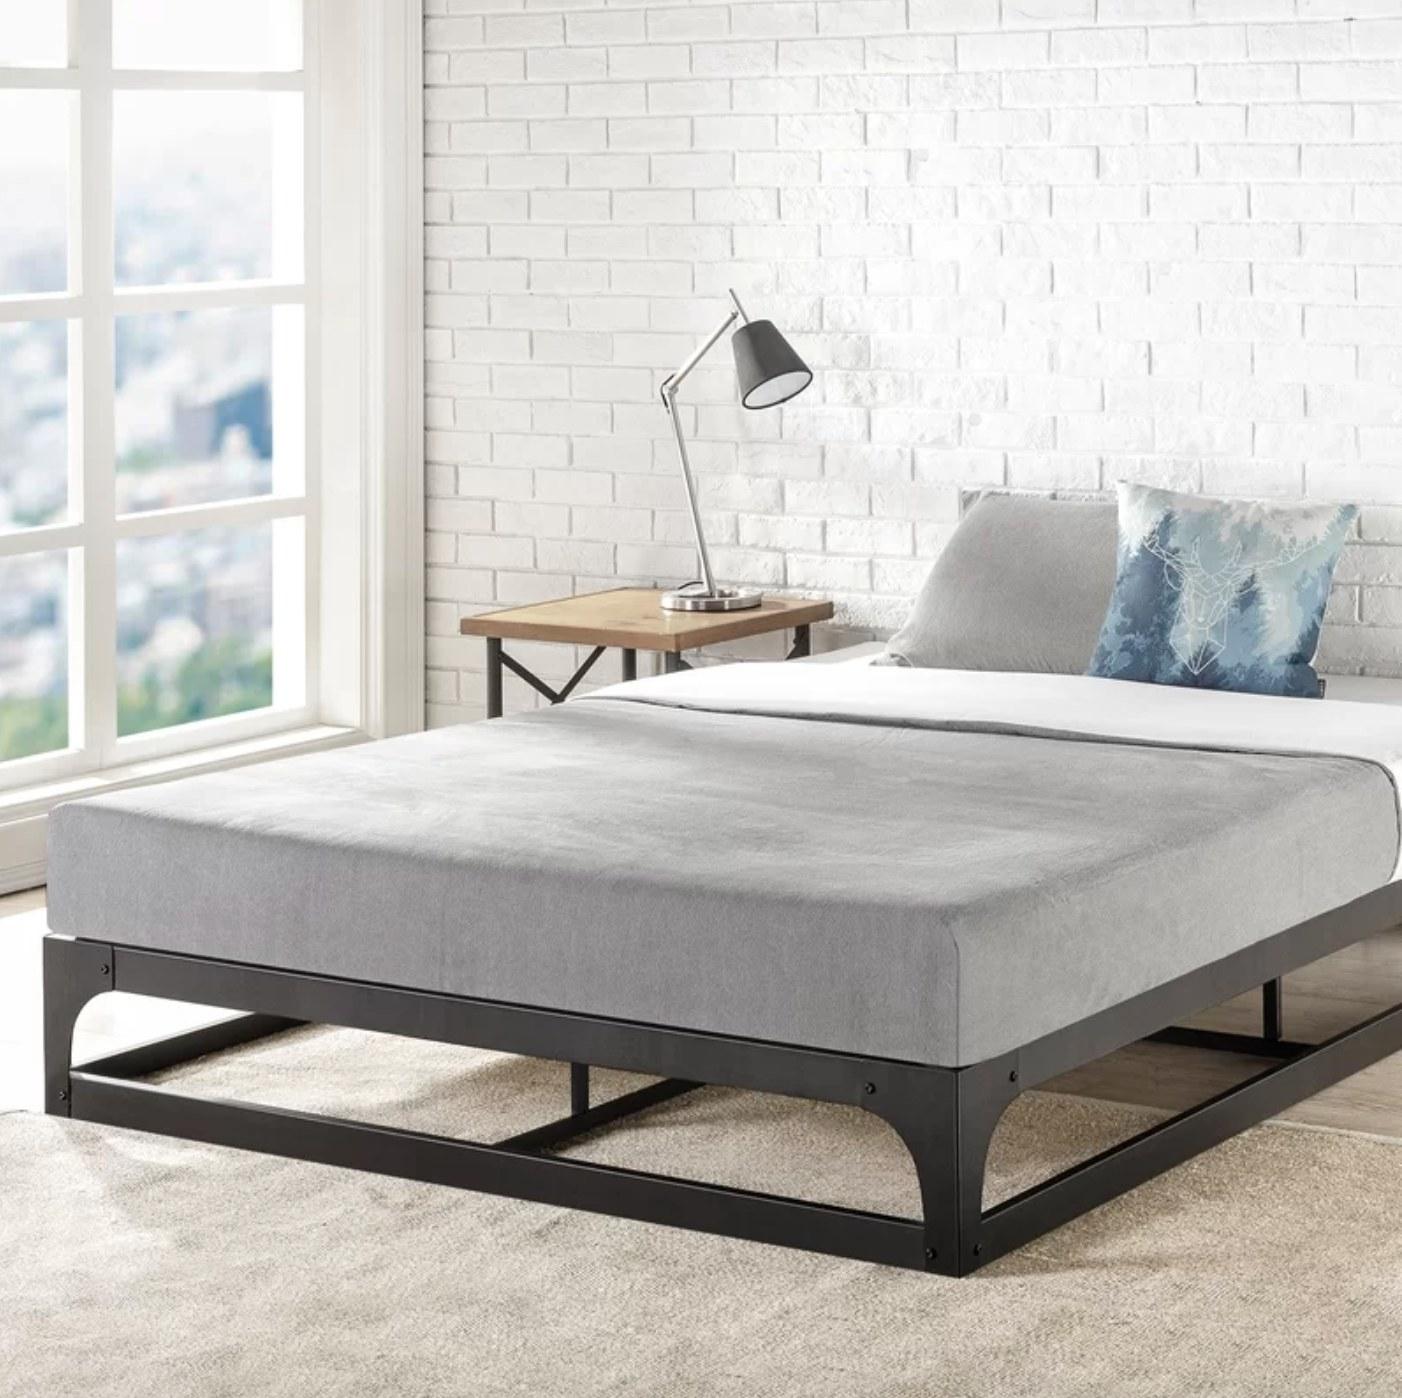 The steel platform bedframe in queen size